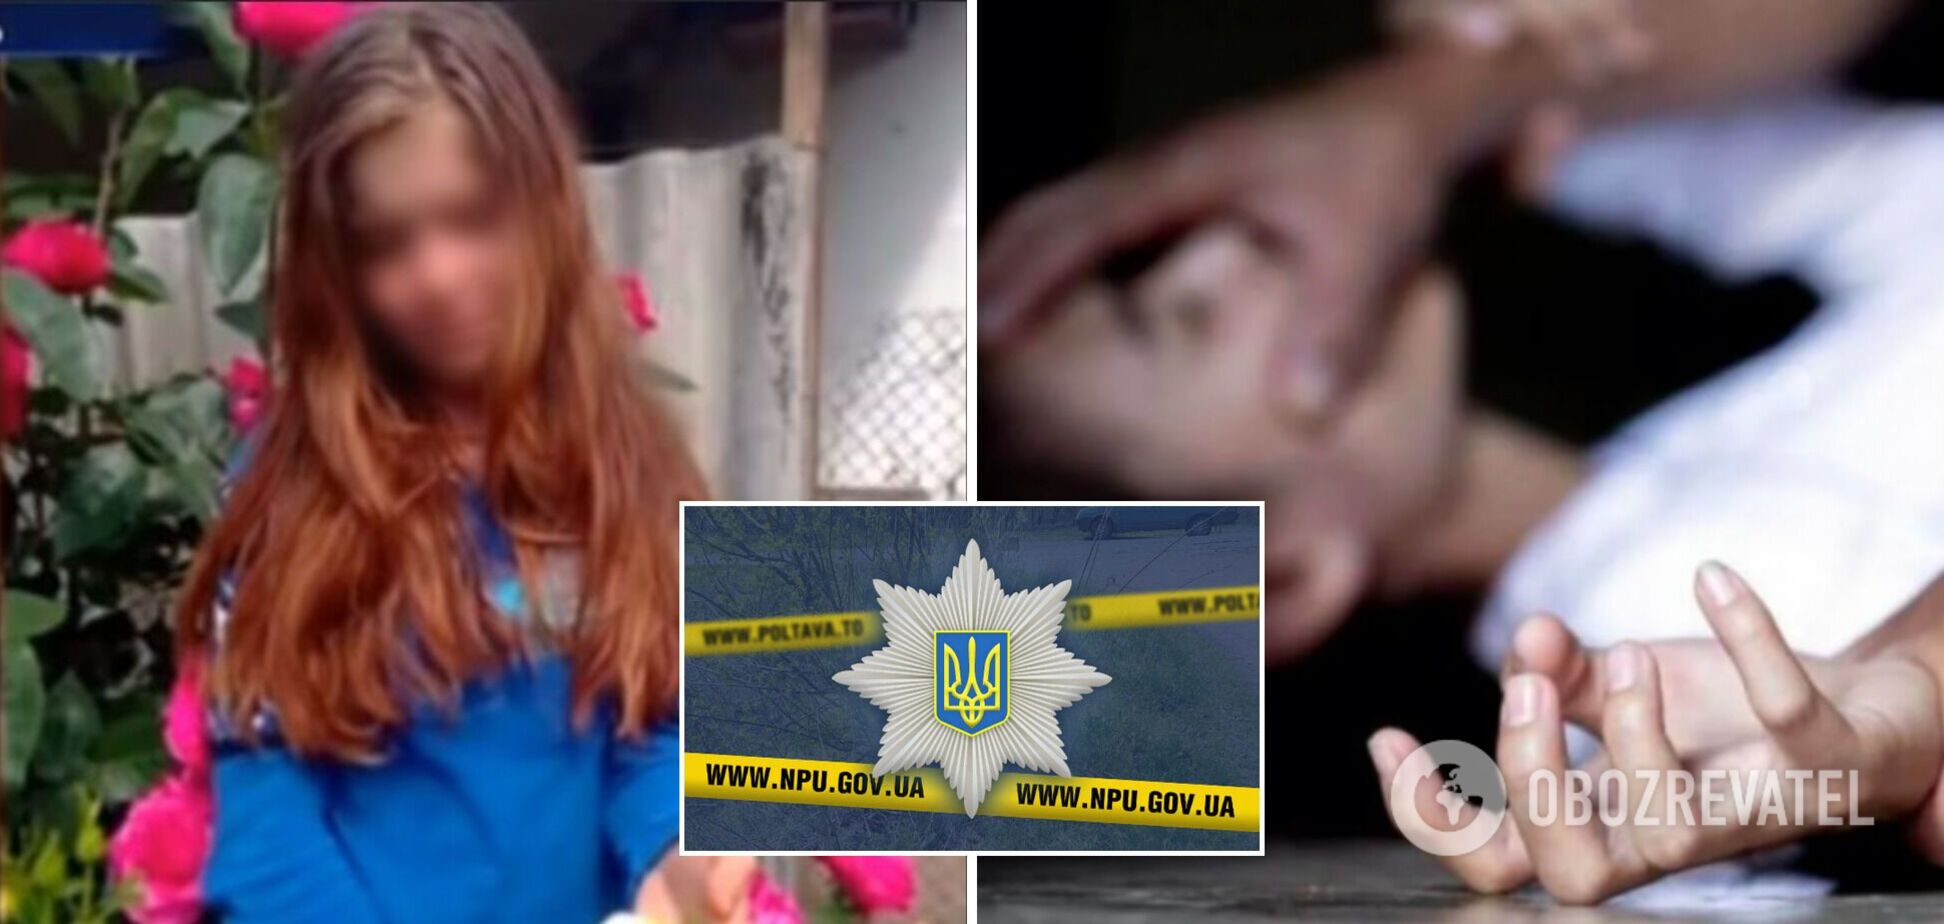 16-летнюю могли изнасиловать посмертно: новые подробности гибели студентки под Полтавой